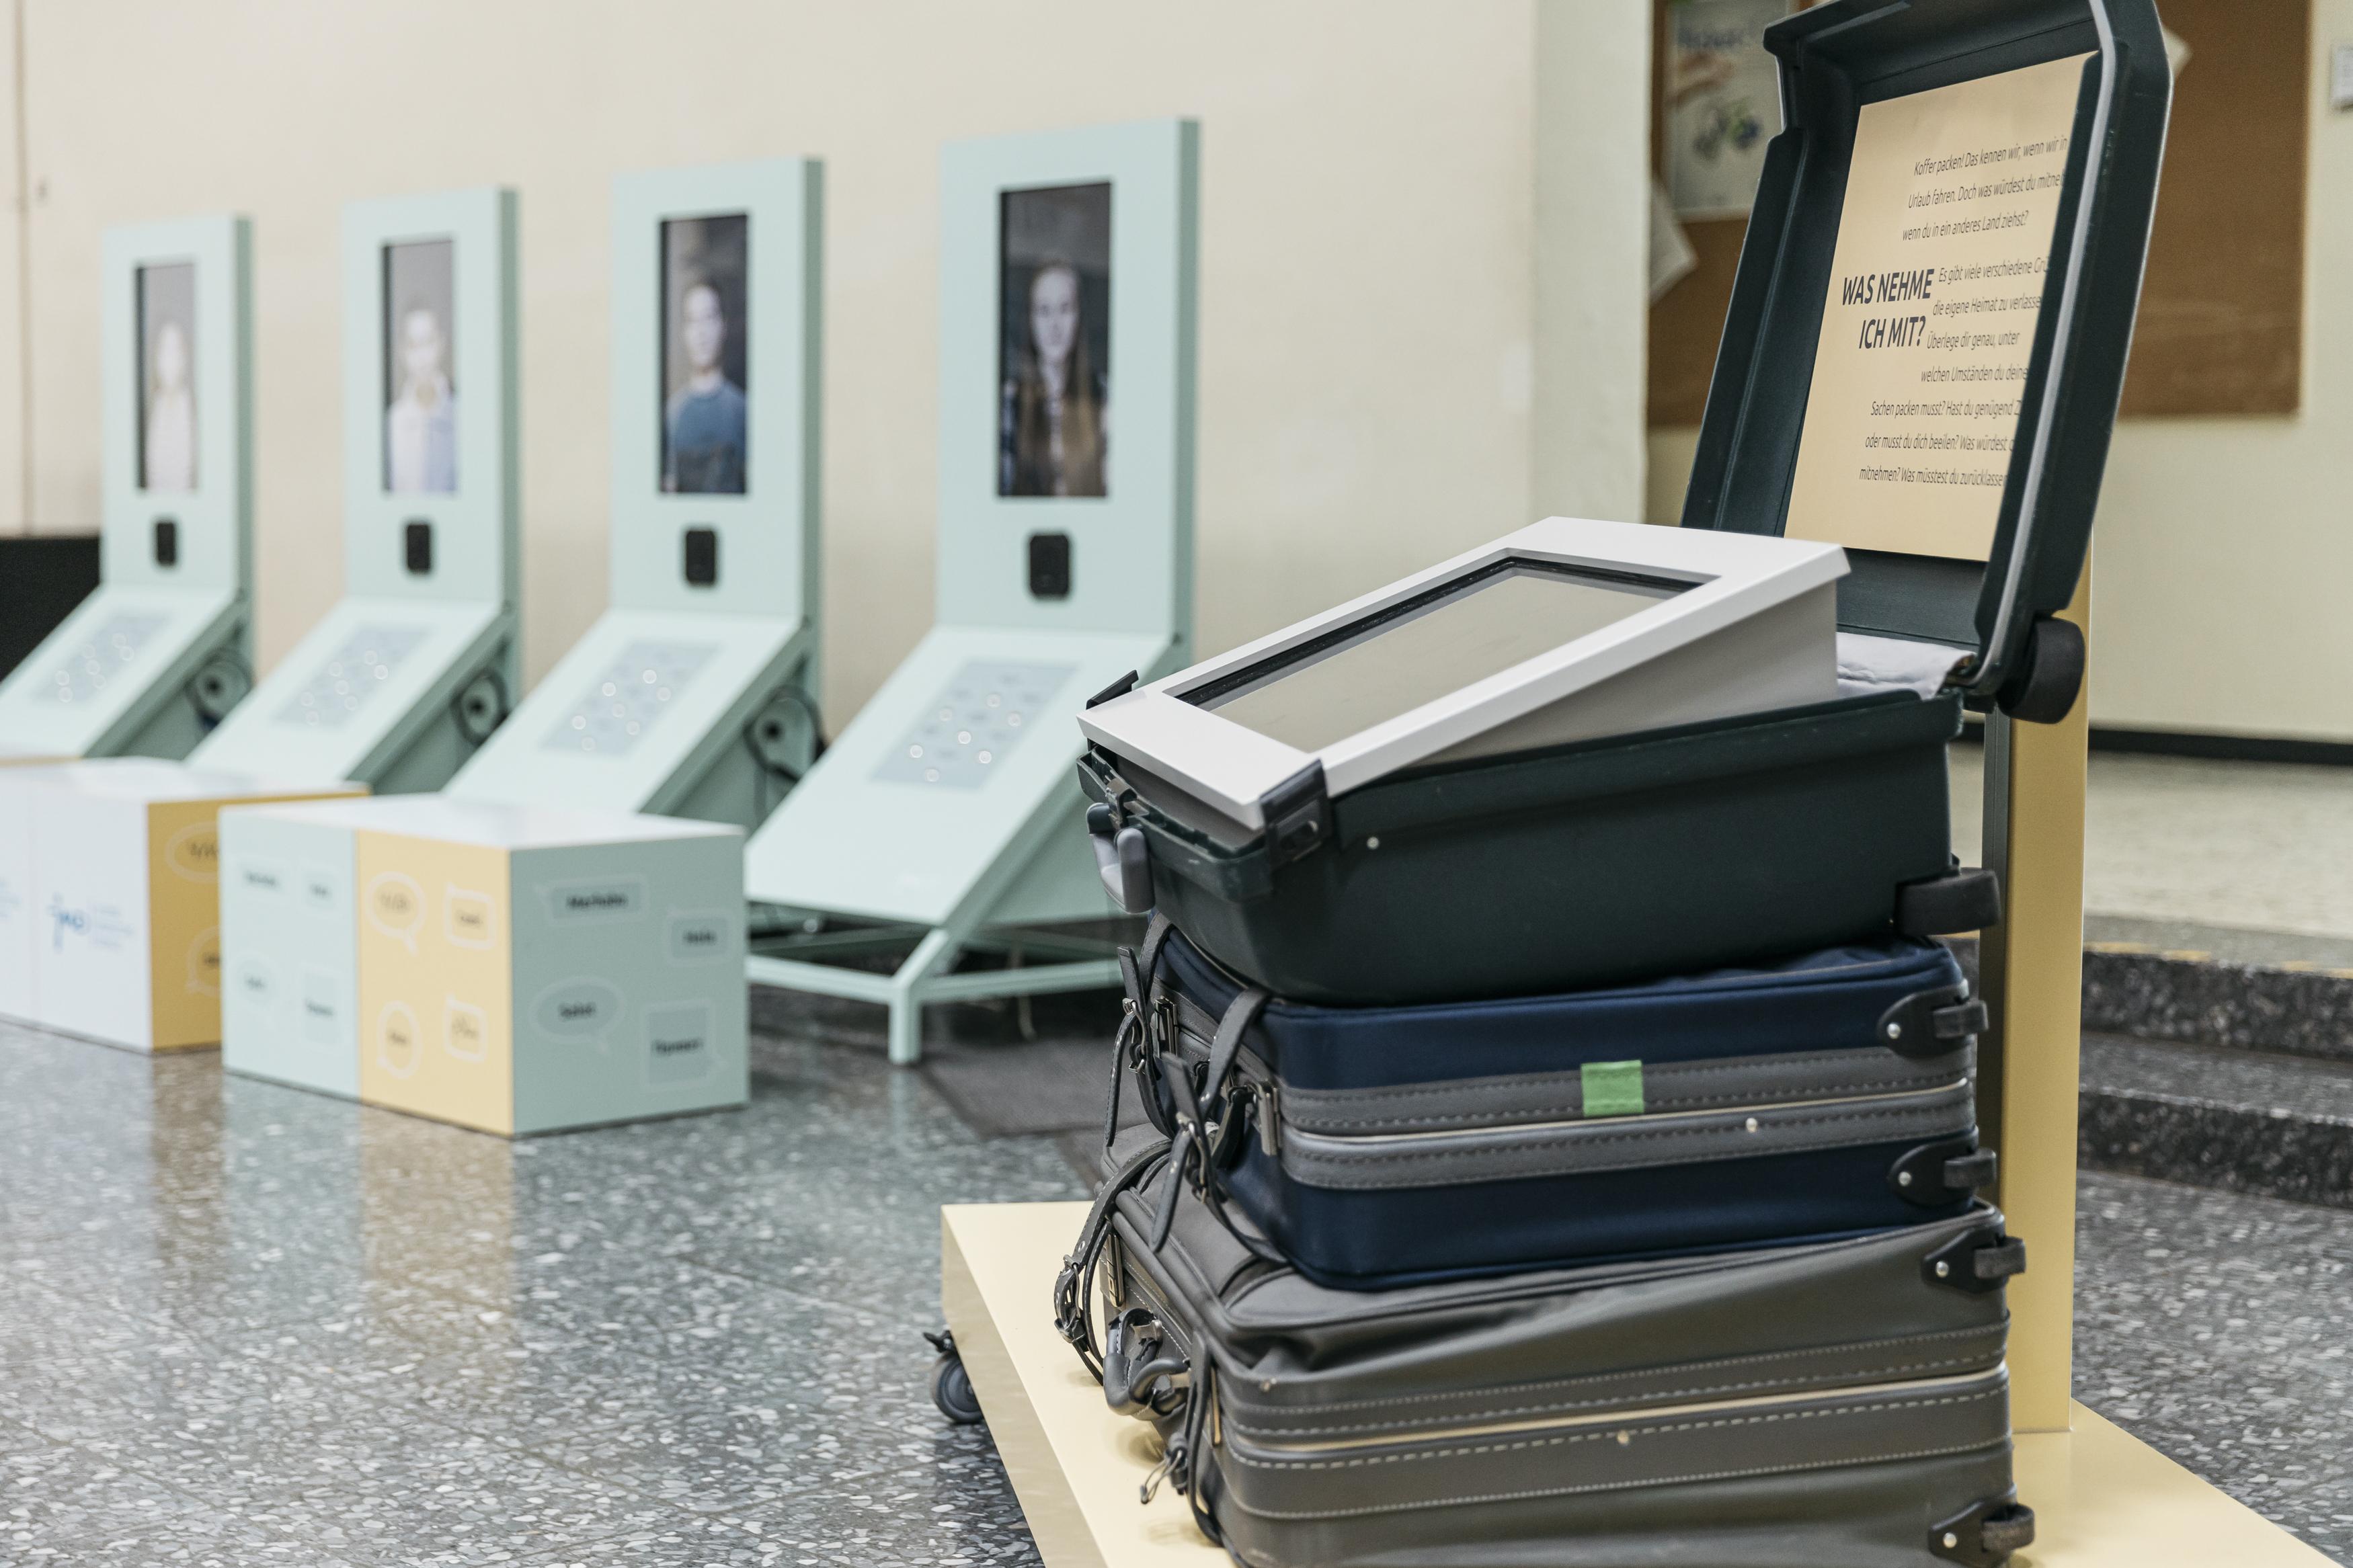 Ein Teil der Ausstellung mit einem Display auf gestapelten Koffern zur Frage: Was nehme ich mit?